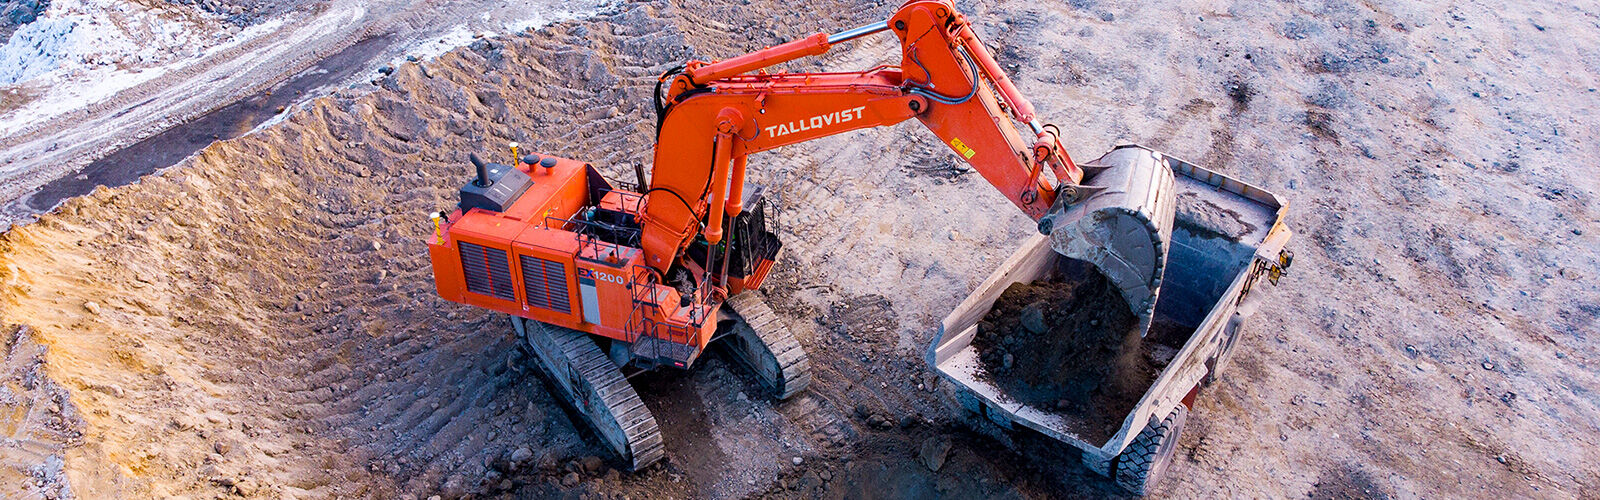 Tallqvist mining kaivinkone kiviauto